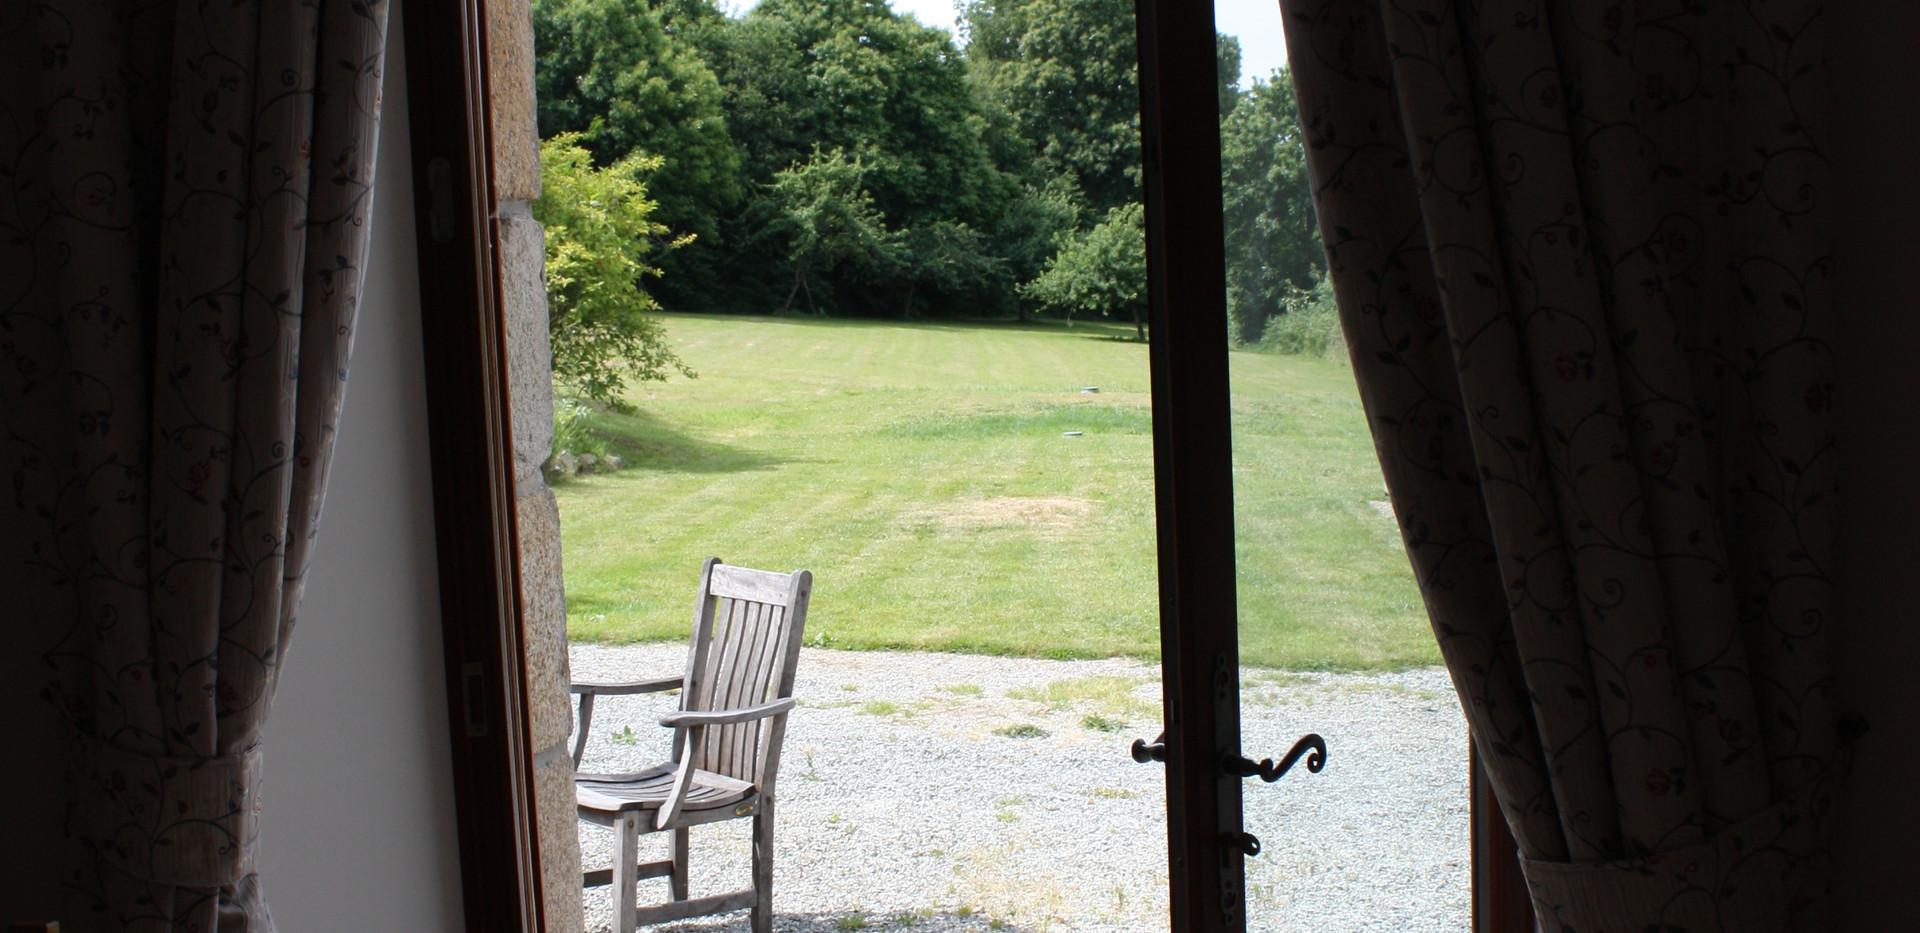 Dining Room doors open to the garden